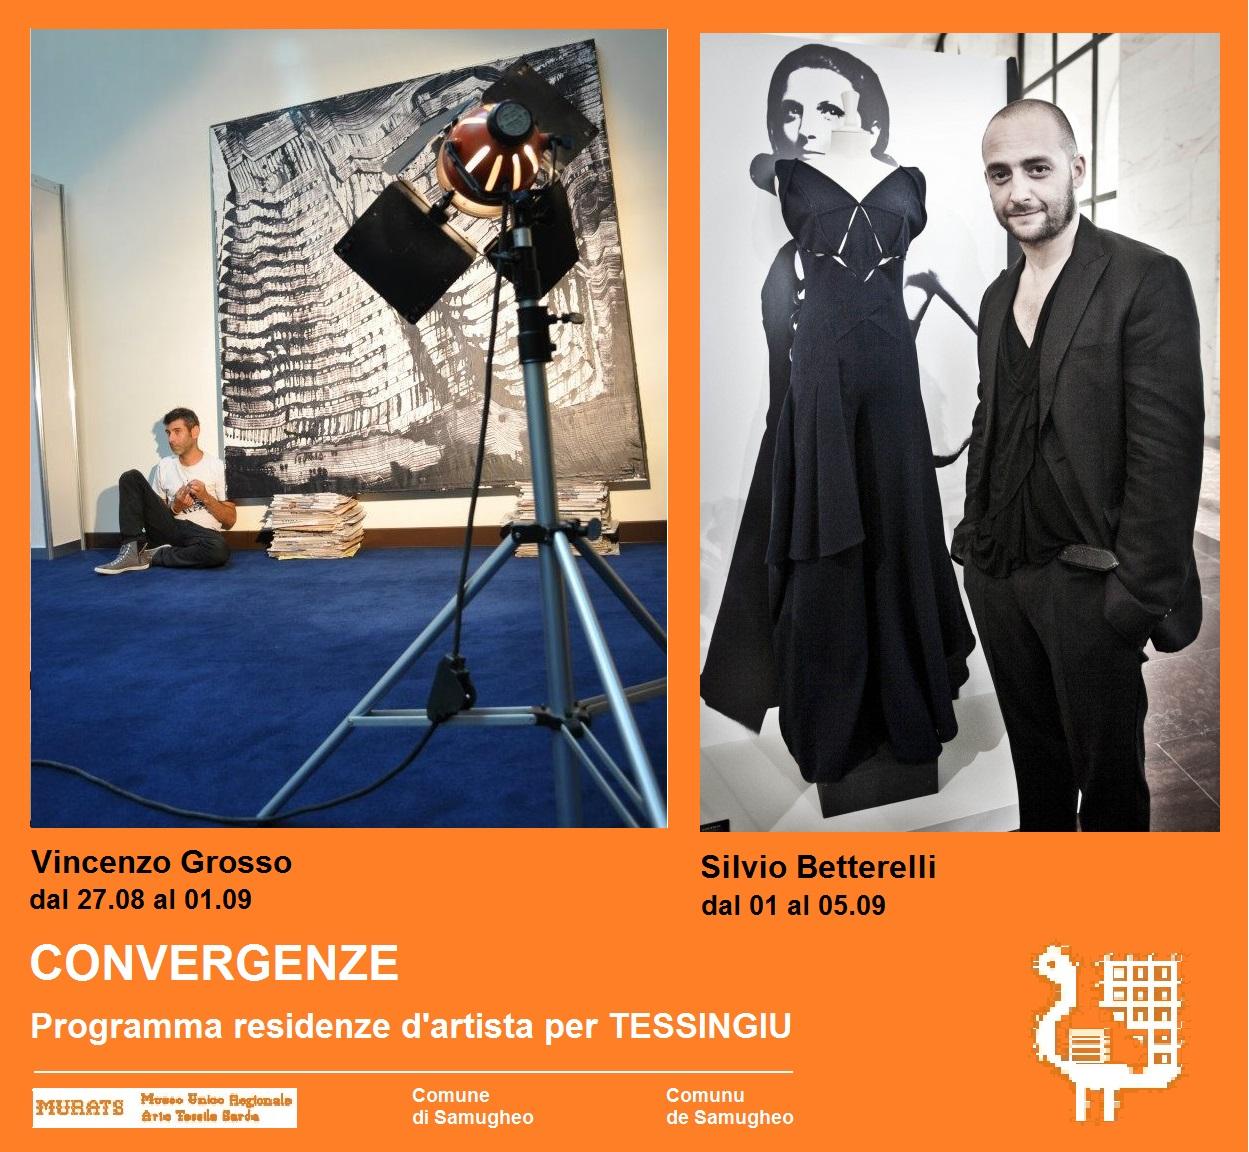 Il Museo MURATS e il Comune di Samugheo presentano: CONVERGENZE_Progetto residenza d'artista per TESSINGIU_2014